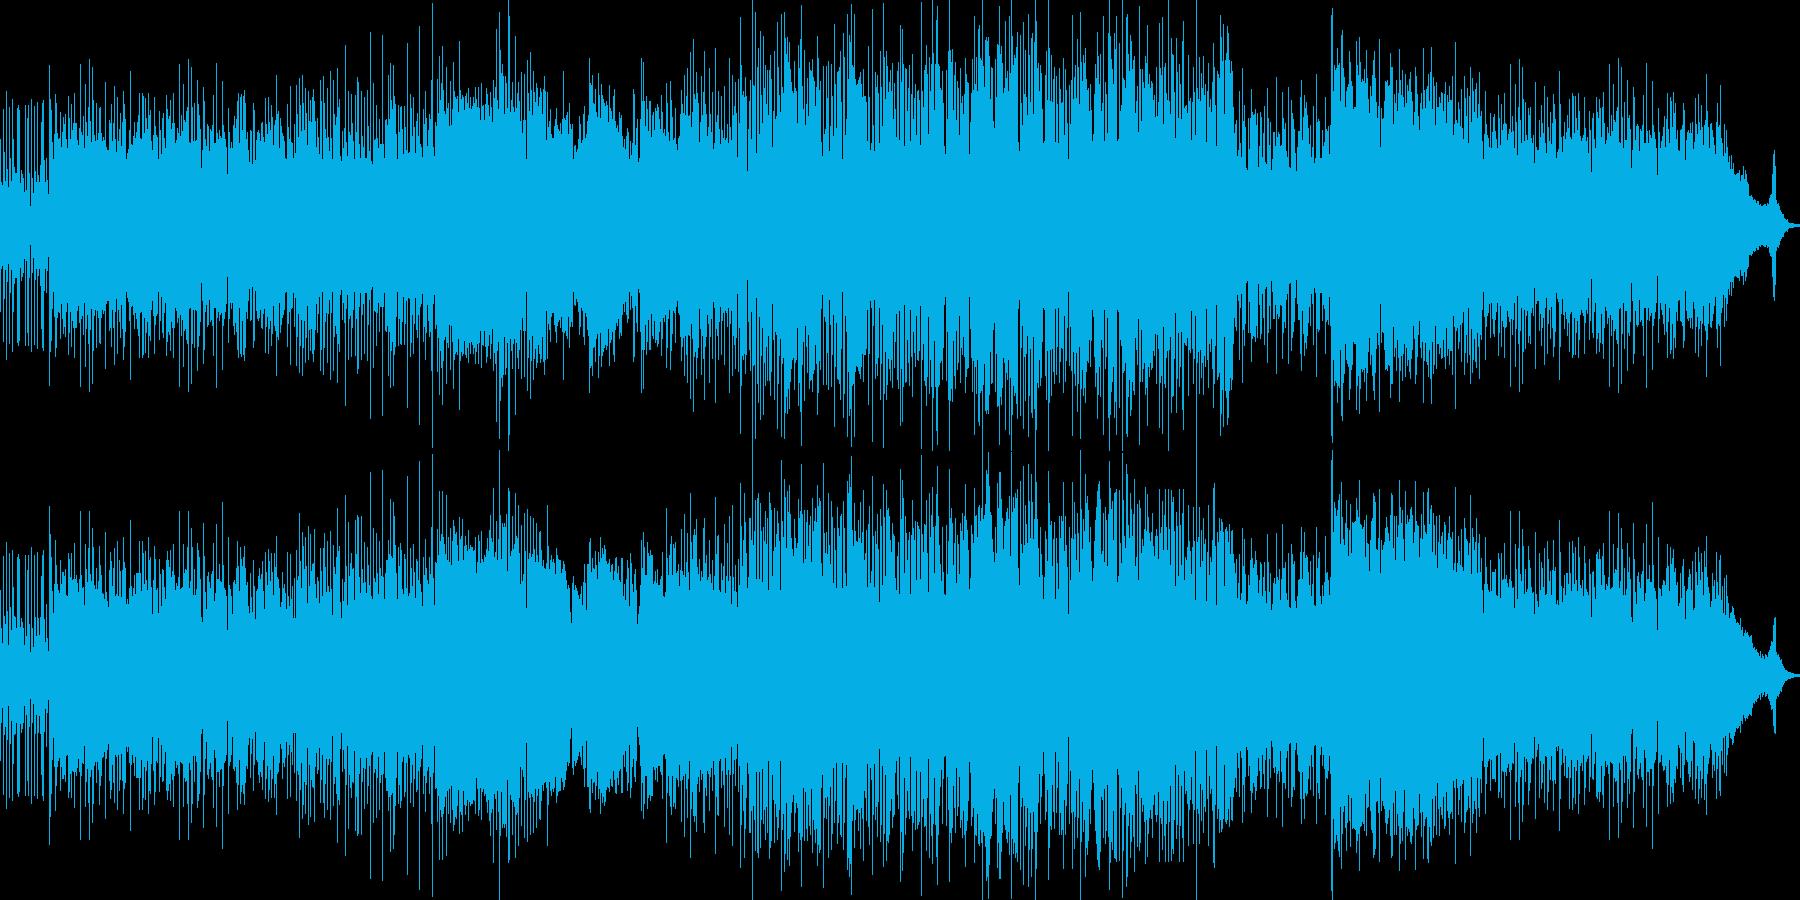 ドラマチックでヘヴィなサントラ用ロックの再生済みの波形